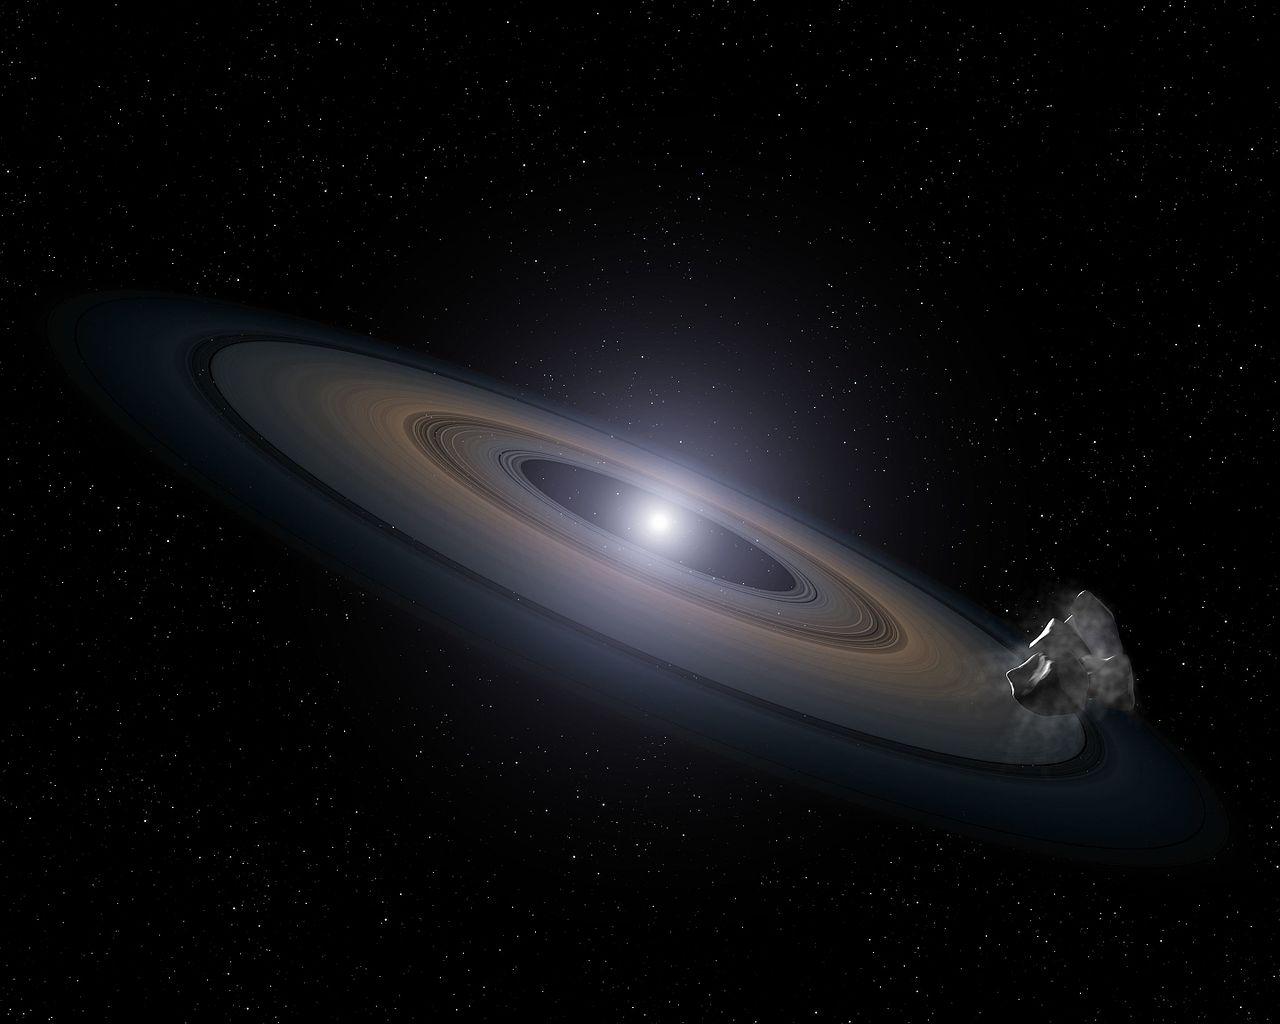 علم الكواكب الميتة: أغرب مجال في علم الفلك لم تسمع به من قبل - الكواكب الصخرية خارج مجموعتنا الشمسية - نظام القزم الأبيض - اضطراب المد والجزر